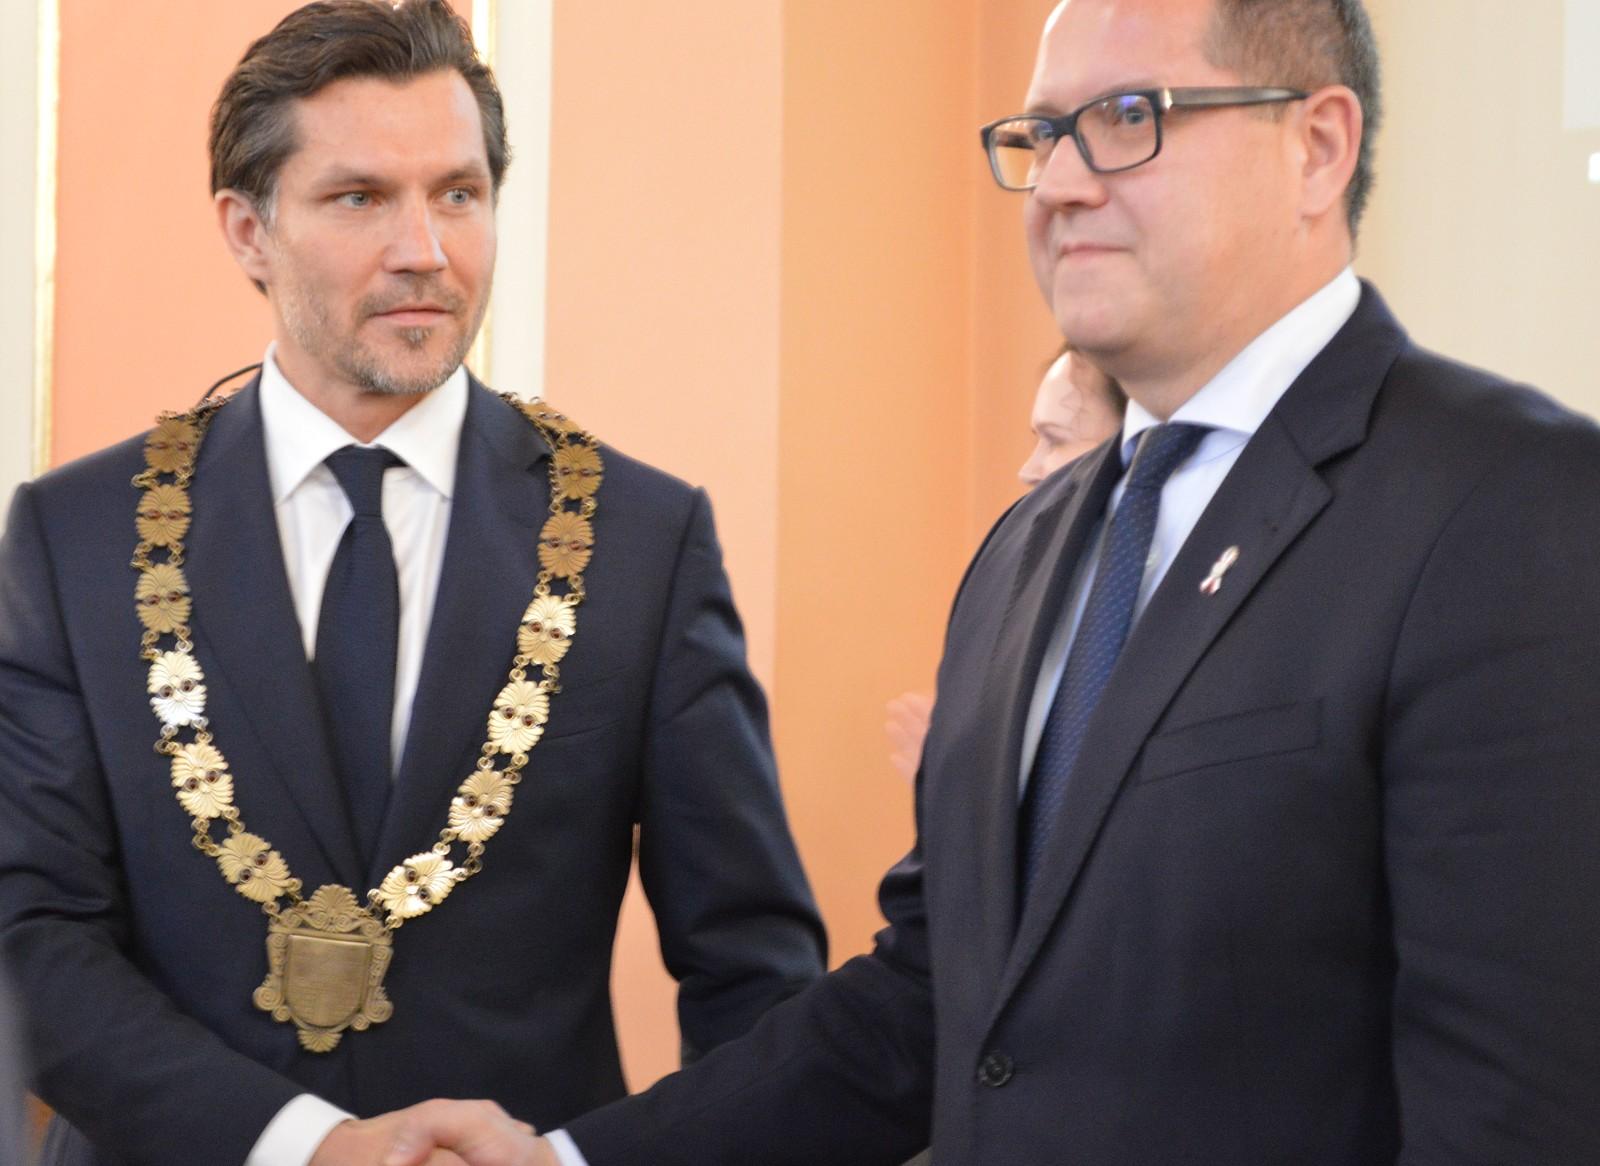 W wyborach samorządowych wygrała nadzieja, energia i optymizm nad stagnacją i rezygnacją - powiedział Krystian Kinastowski, nowy prezydent Kalisza (fot.kalisz.pl)